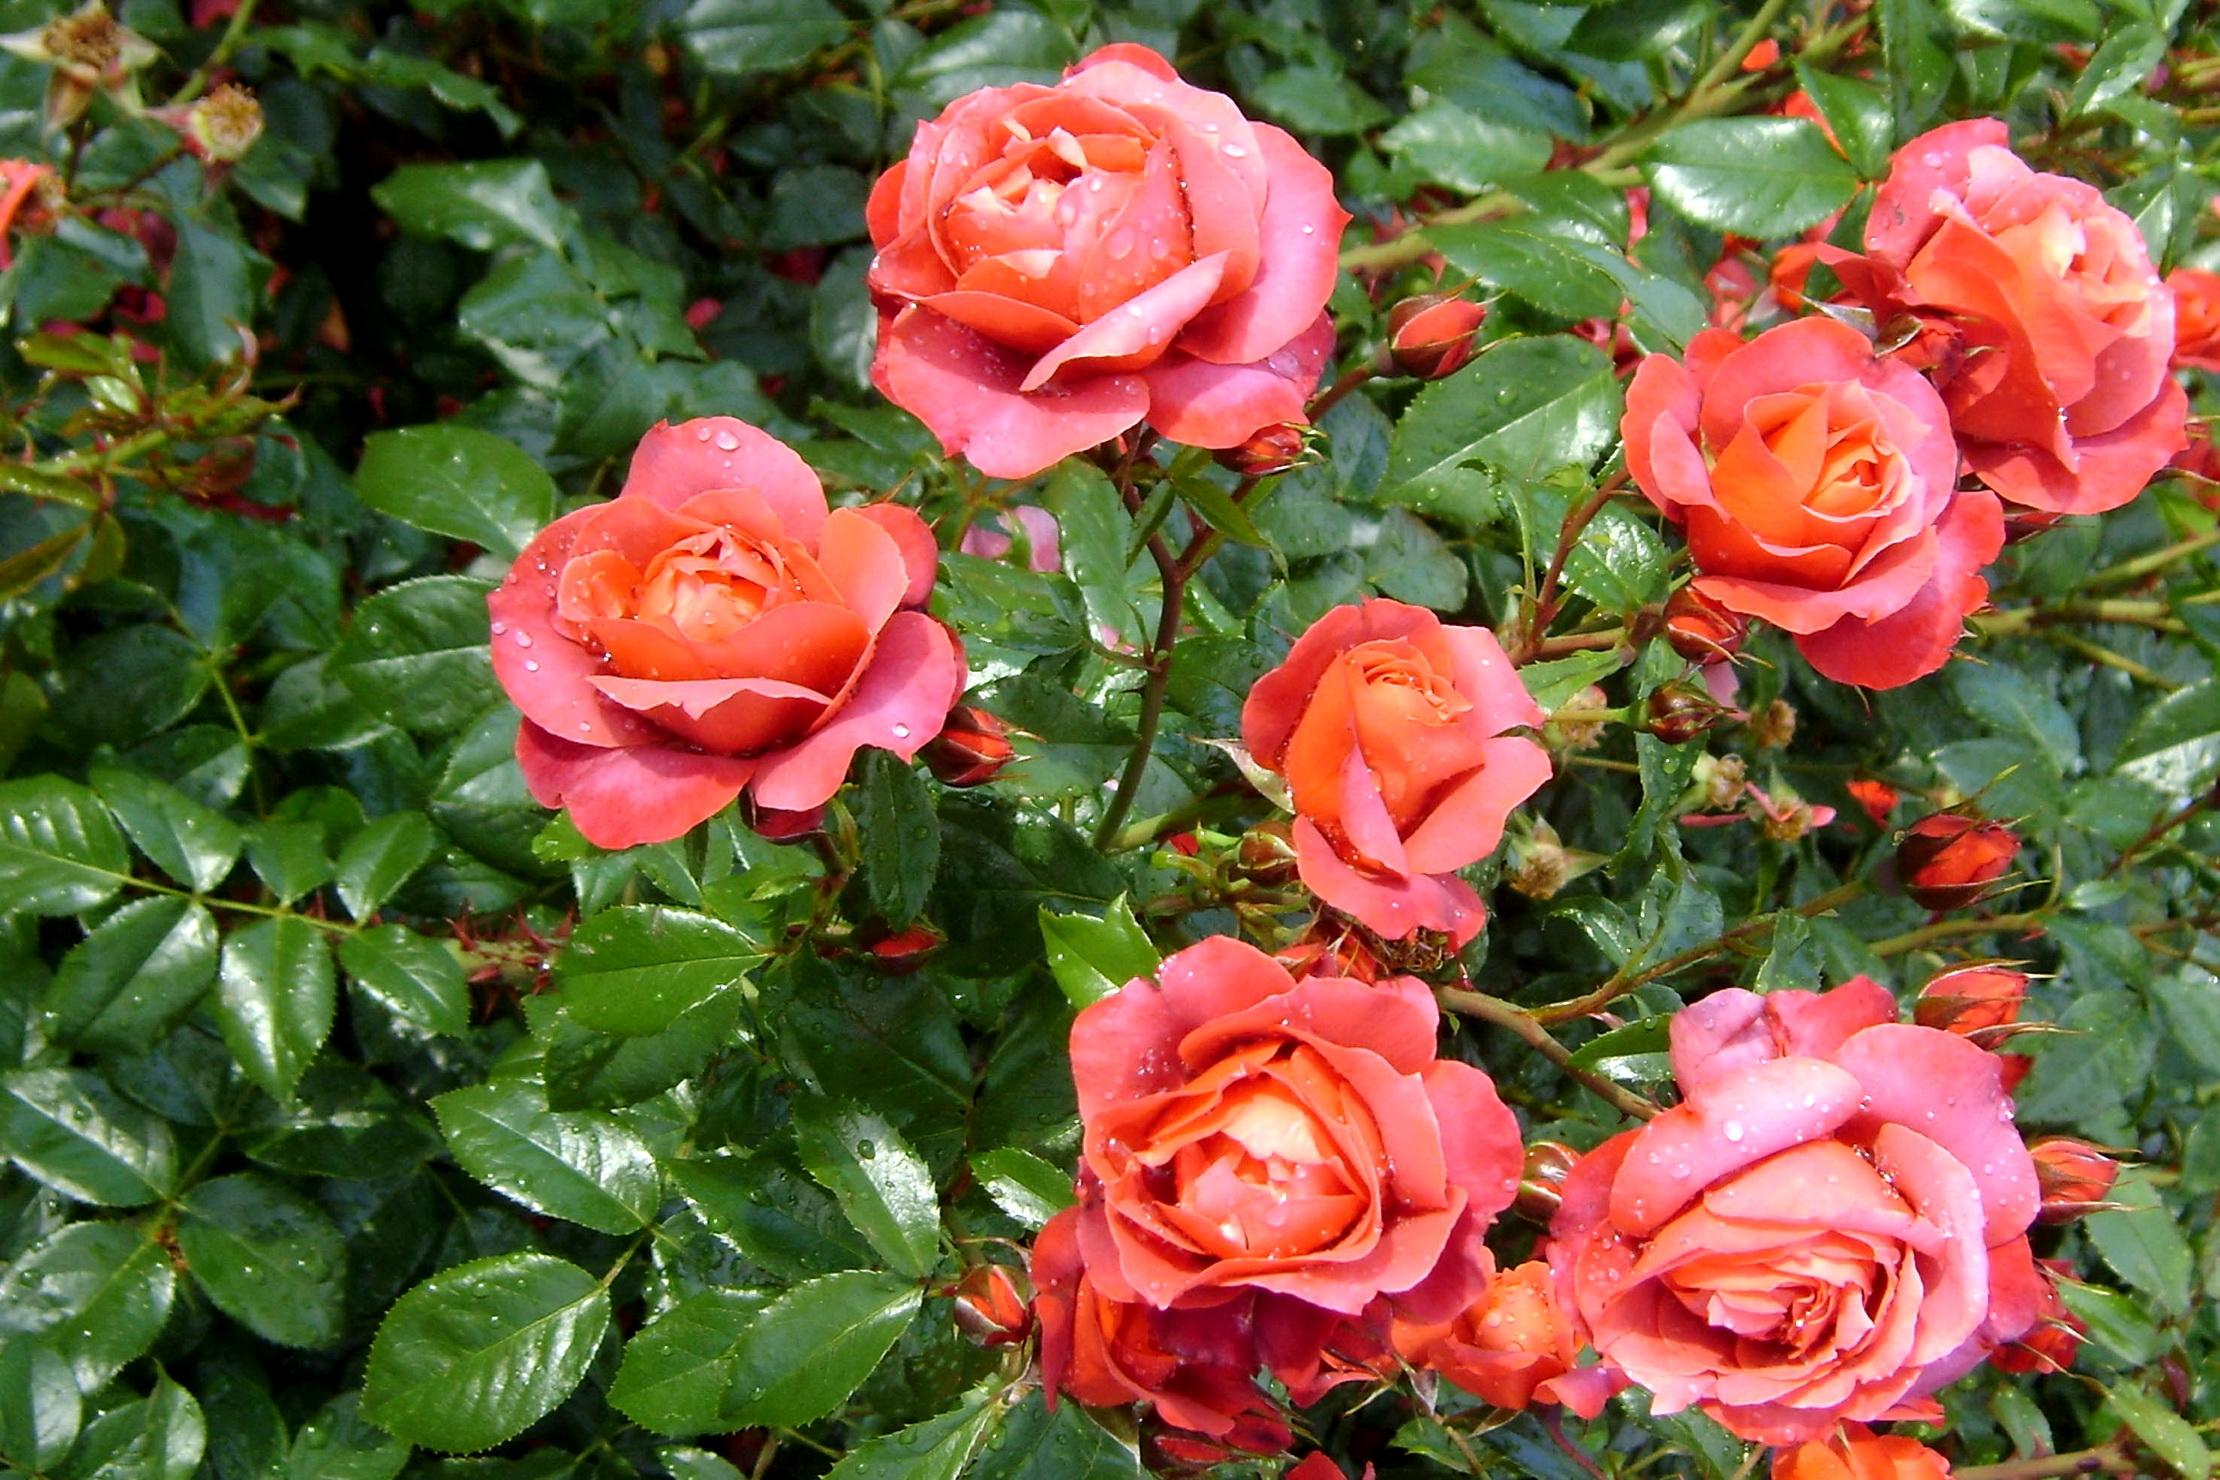 85754 Заставки и Обои Розы на телефон. Скачать Розы, Цветы, Капли, Зелень, Свежесть, Куст картинки бесплатно